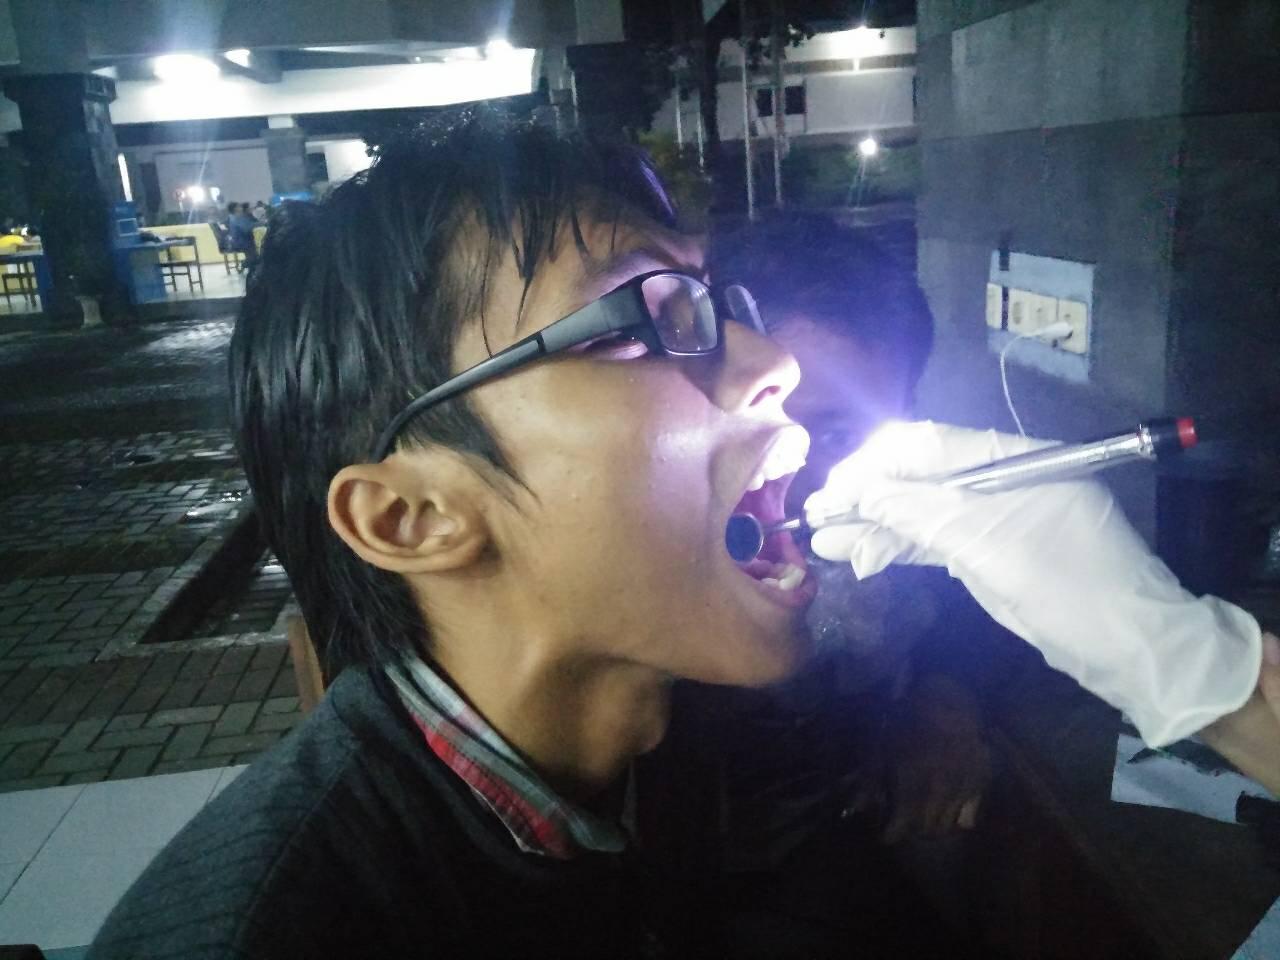 Dengan 'mediglow' dokter gigi tak perlu lagi pakai senter, keren!